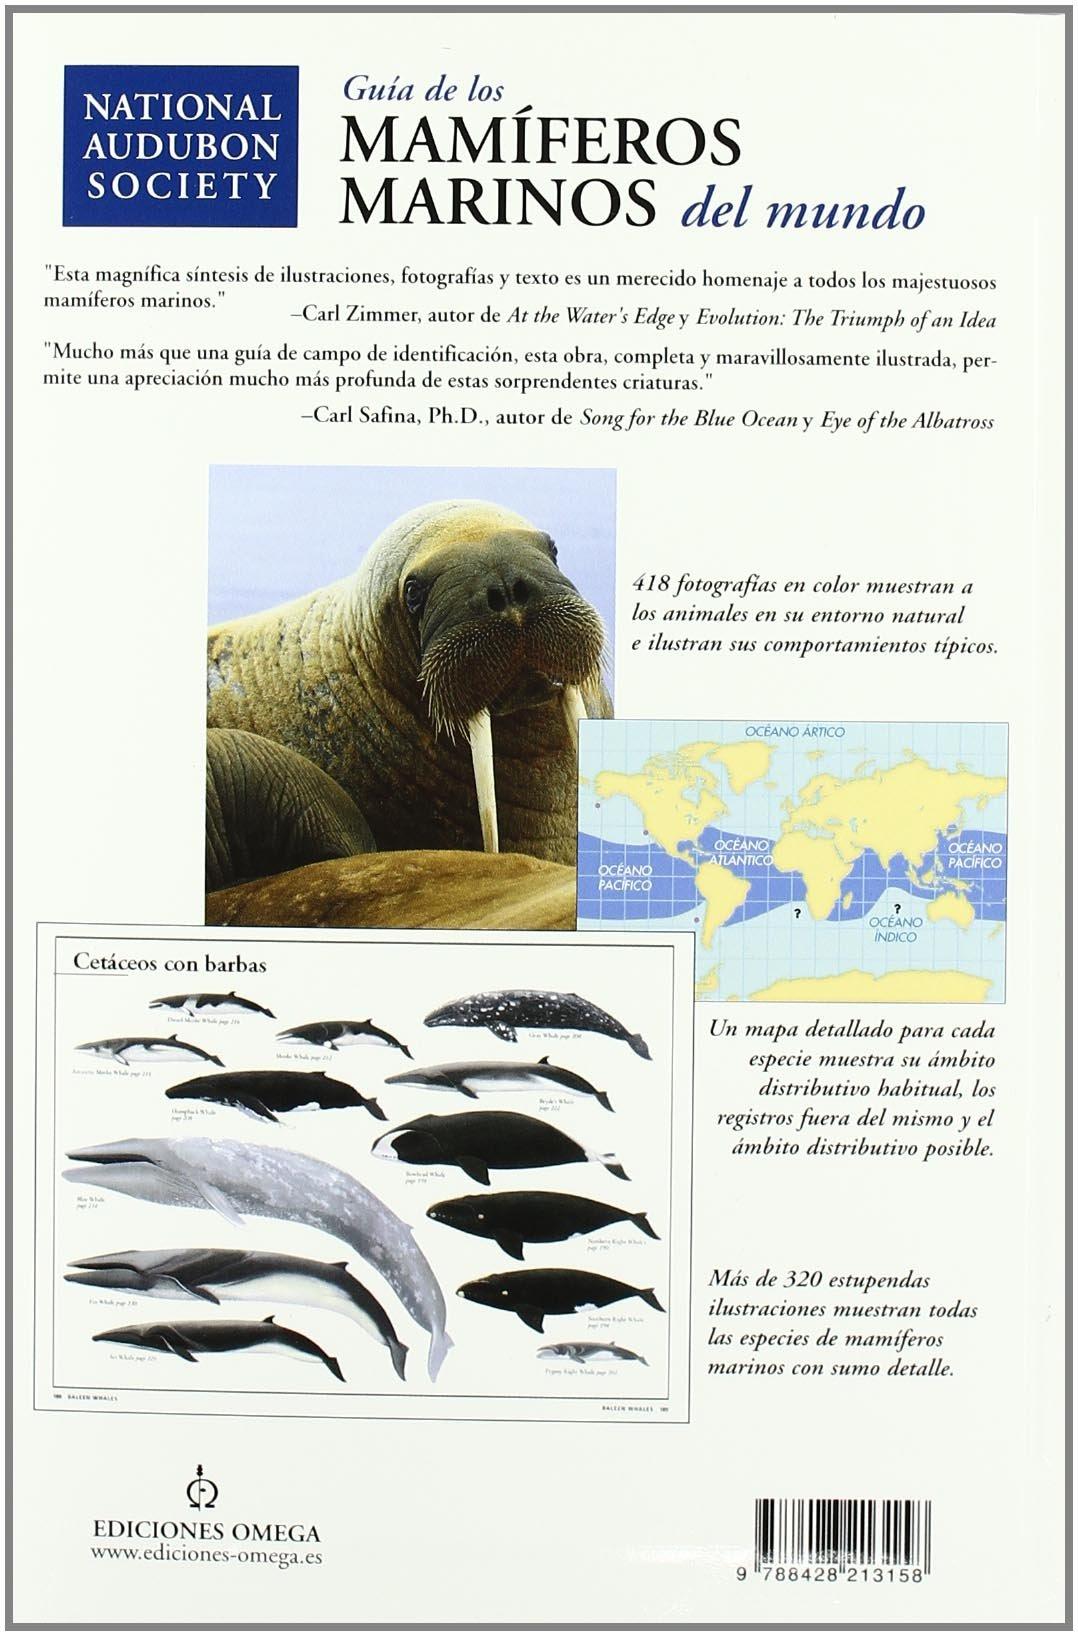 GUIA DE LOS MAMIFEROS MARINOS DEL MUNDO GUIAS DEL NATURALISTA-PECES-MOLUSCOS-BIOLOGIA MARINA: Amazon.es: REEVES, R., FOLKENS, P.: Libros